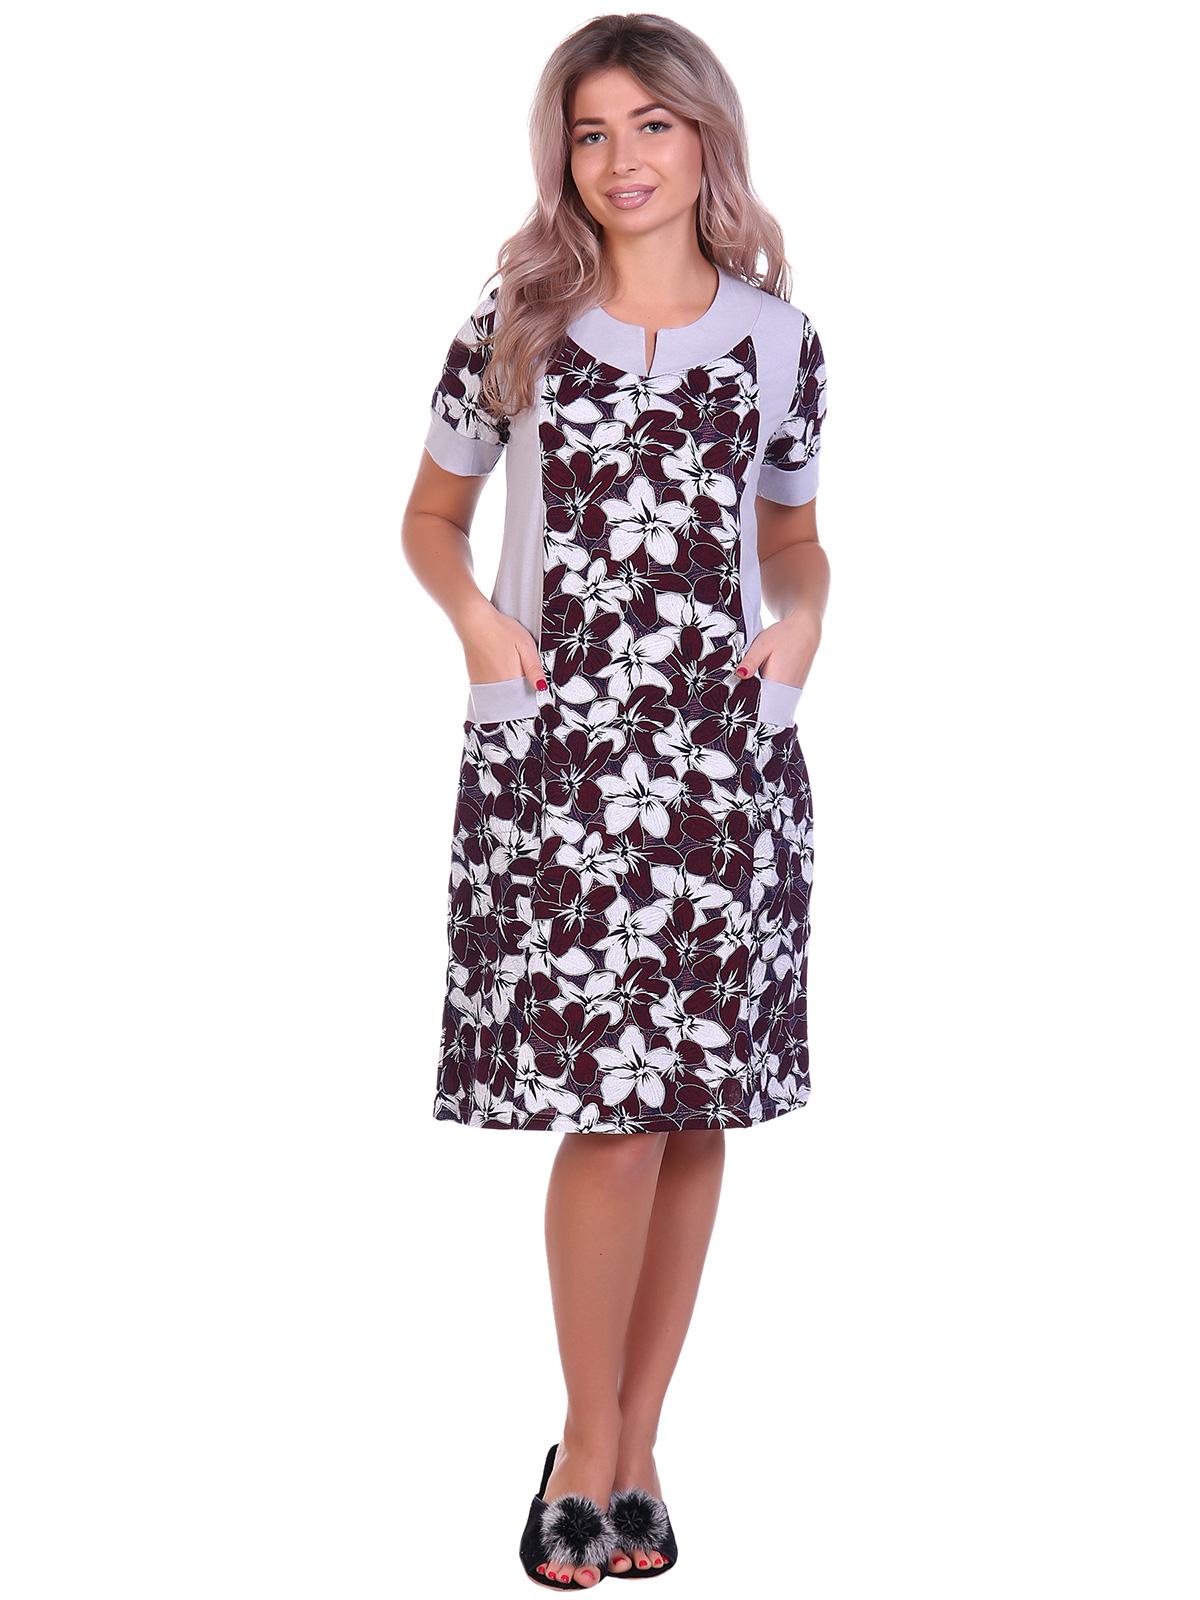 Жен. платье арт. 16-0692 Бордовый р. 56 фото